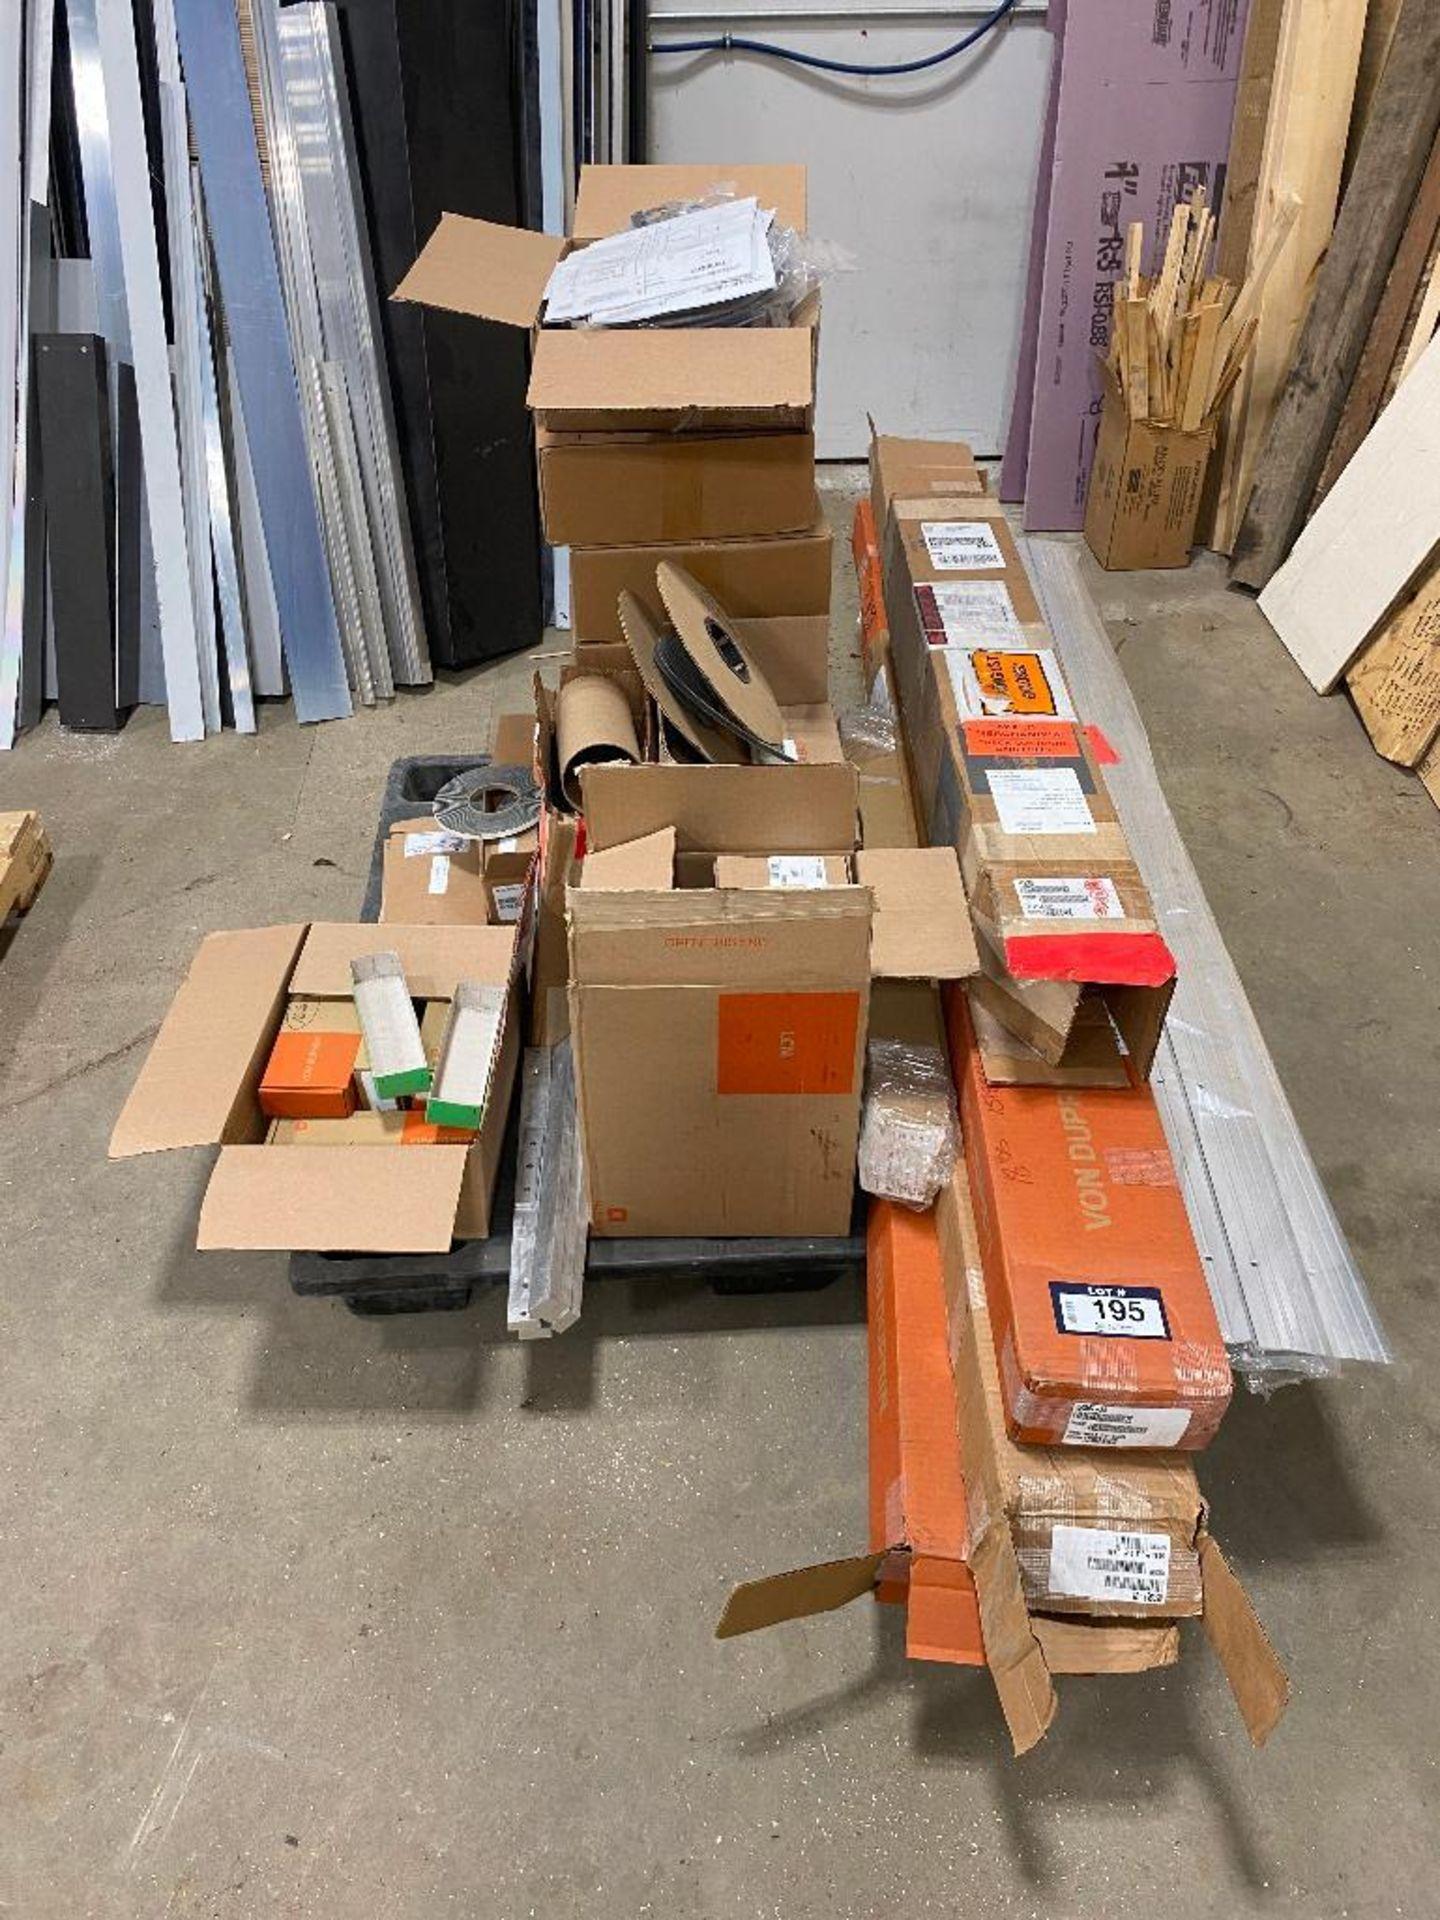 Pallet of Asst. Von Duprin Door Hardware, Thresholds, Schlage Power Supplys, etc.